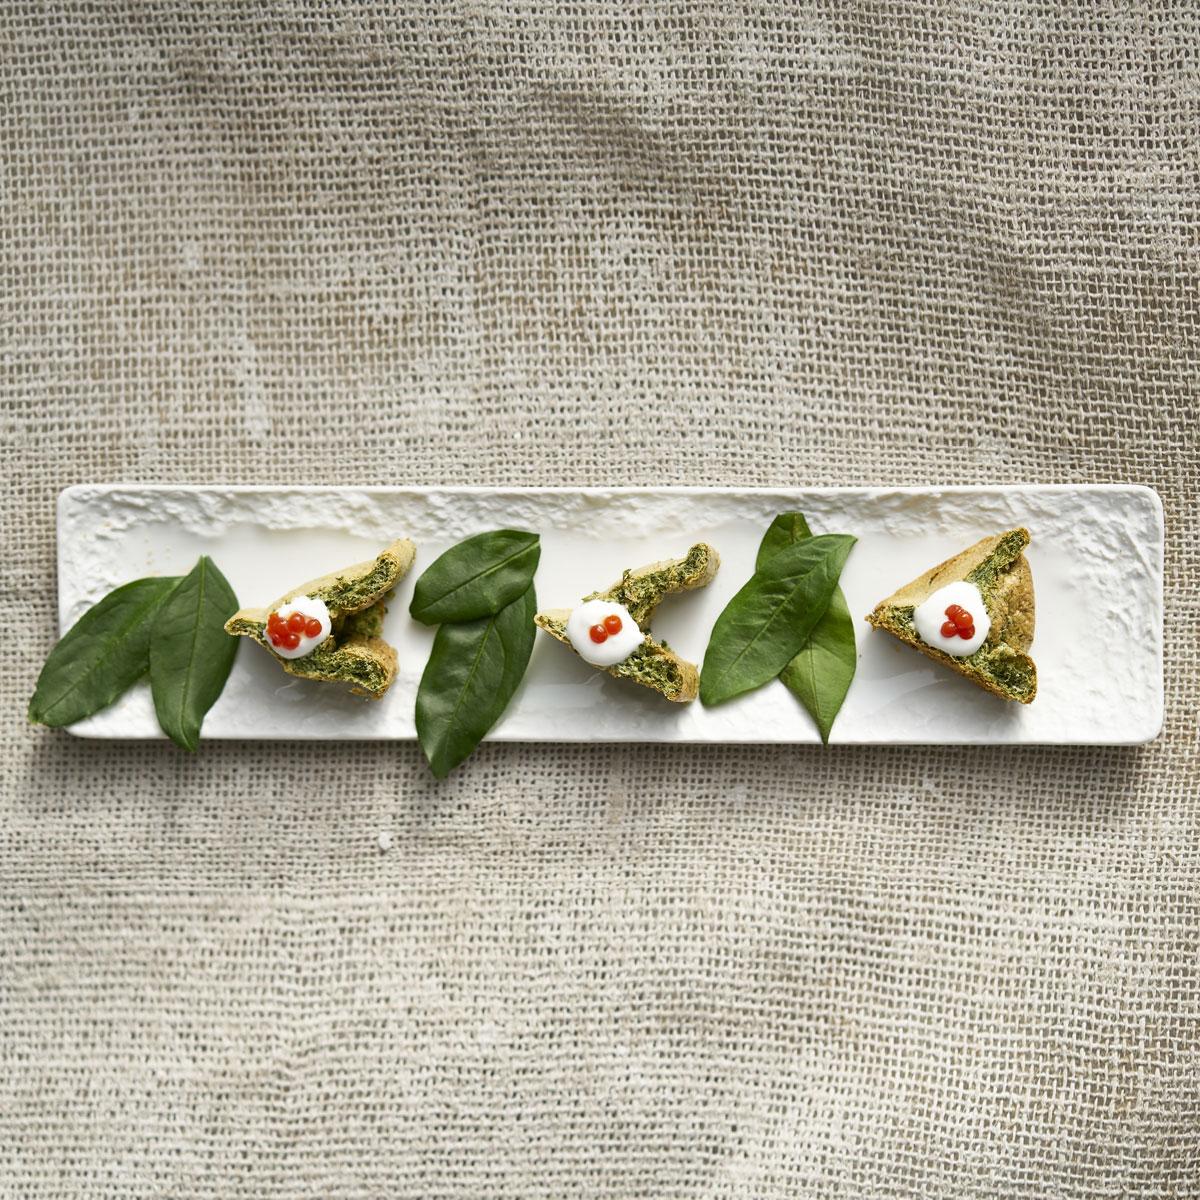 Muselina y pan de espinacas